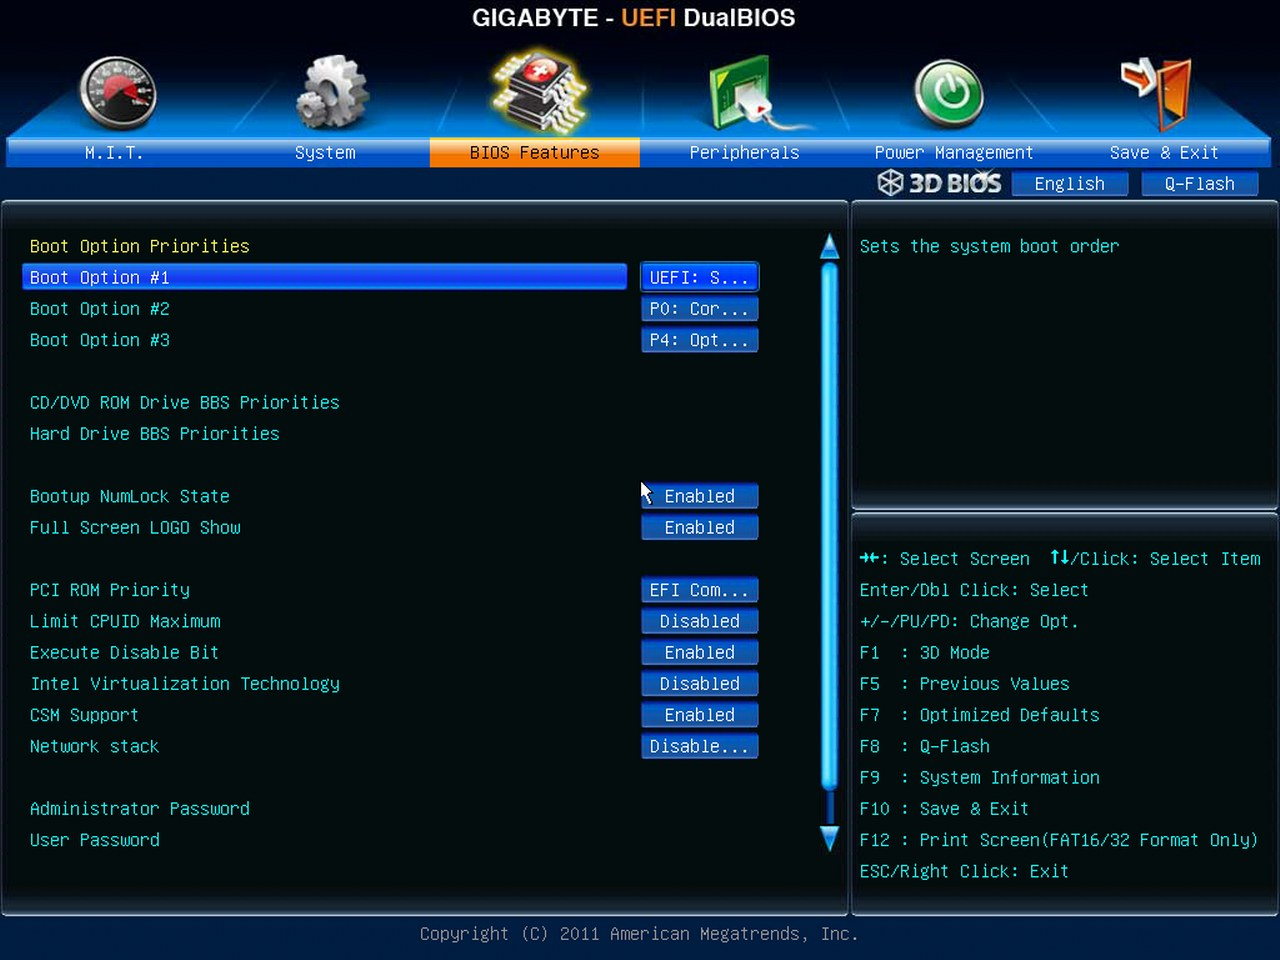 Gigabyte Z77X-UD5H-WB WIFI, BIOS UEFI, BIOS Features